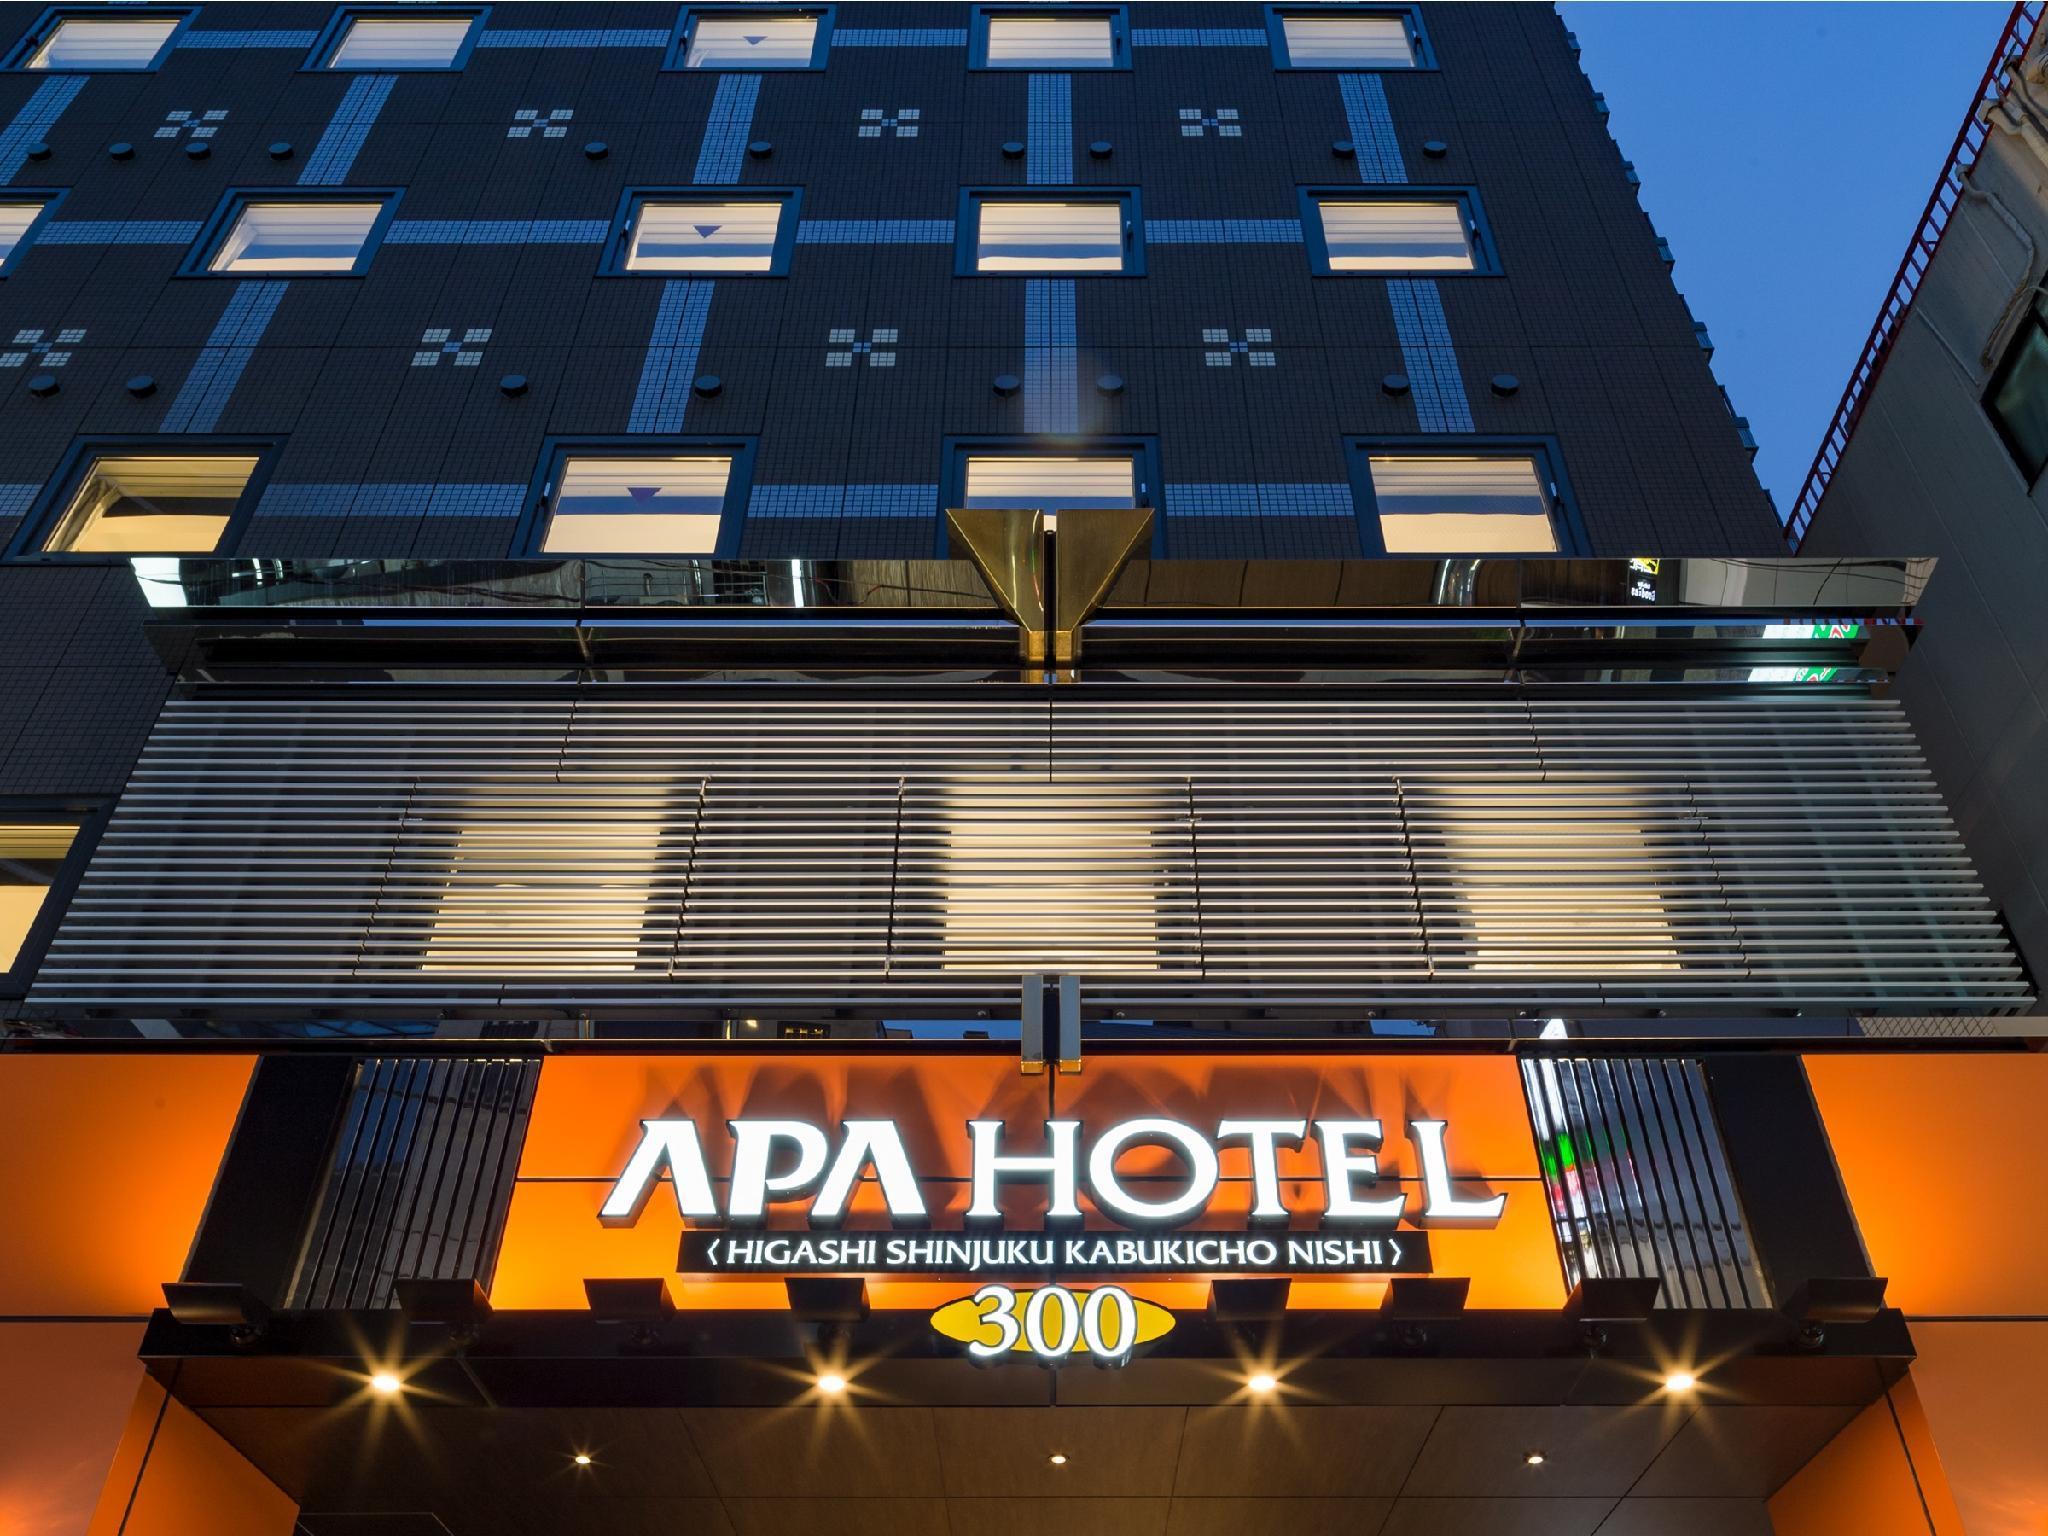 APA Hotel Higashi Shinjuku Kabukicho Nishi